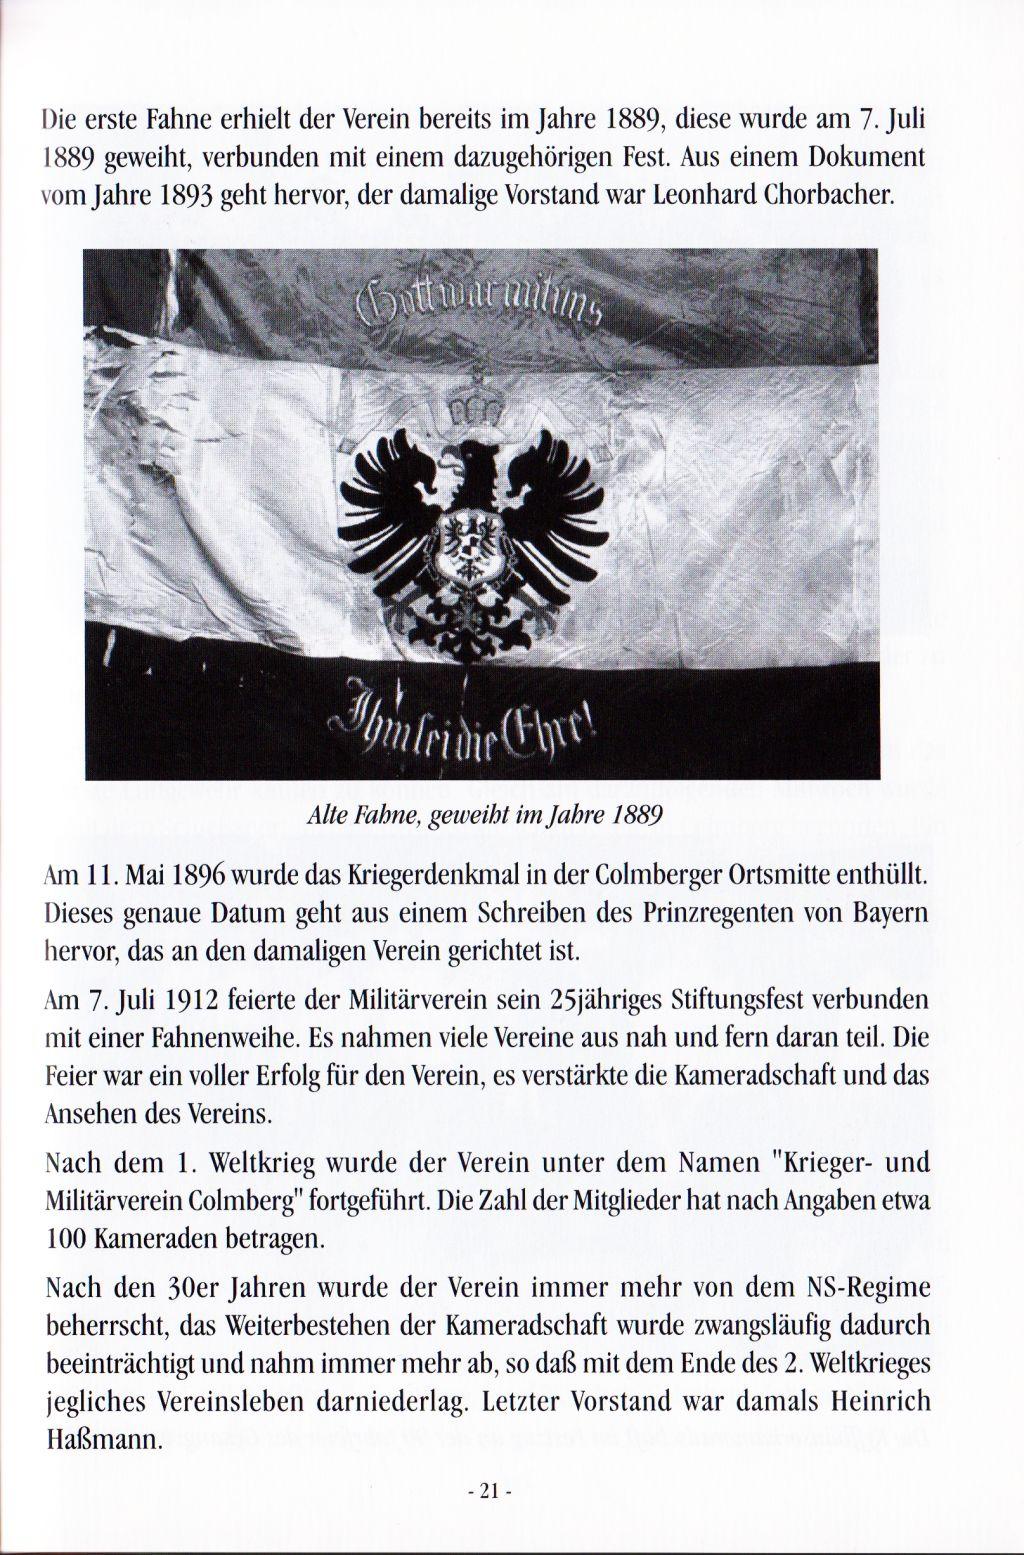 Geschichte_Kyffhaeuser_Seite2